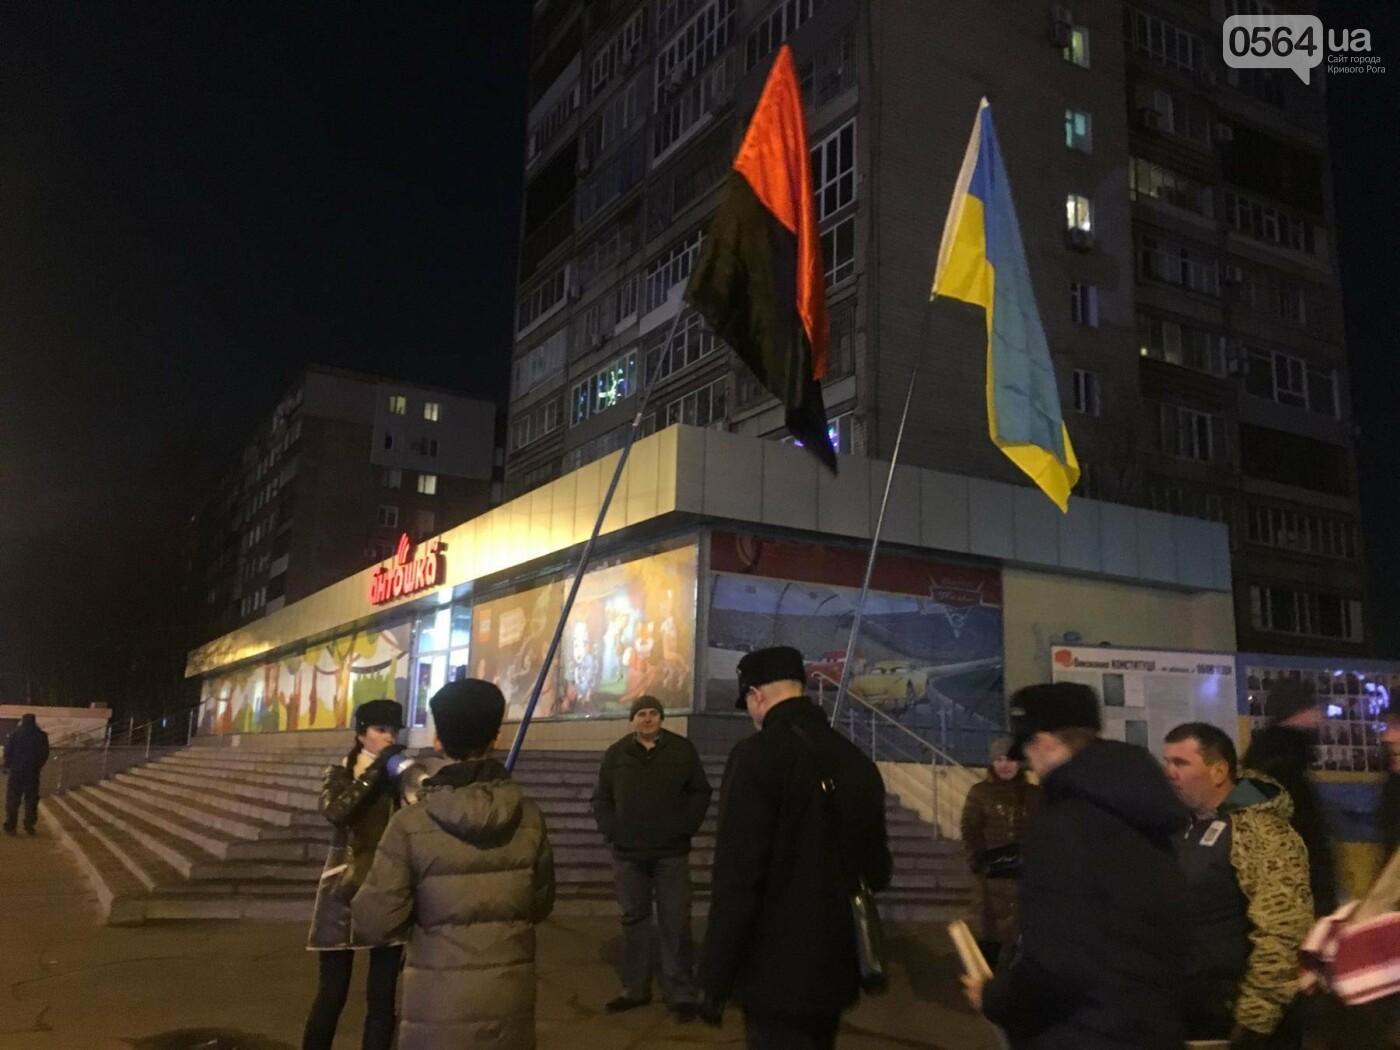 В Кривом Роге проходит Факельный марш в честь Дня рождения Степана Бандеры (ФОТО, ВИДЕО), фото-26